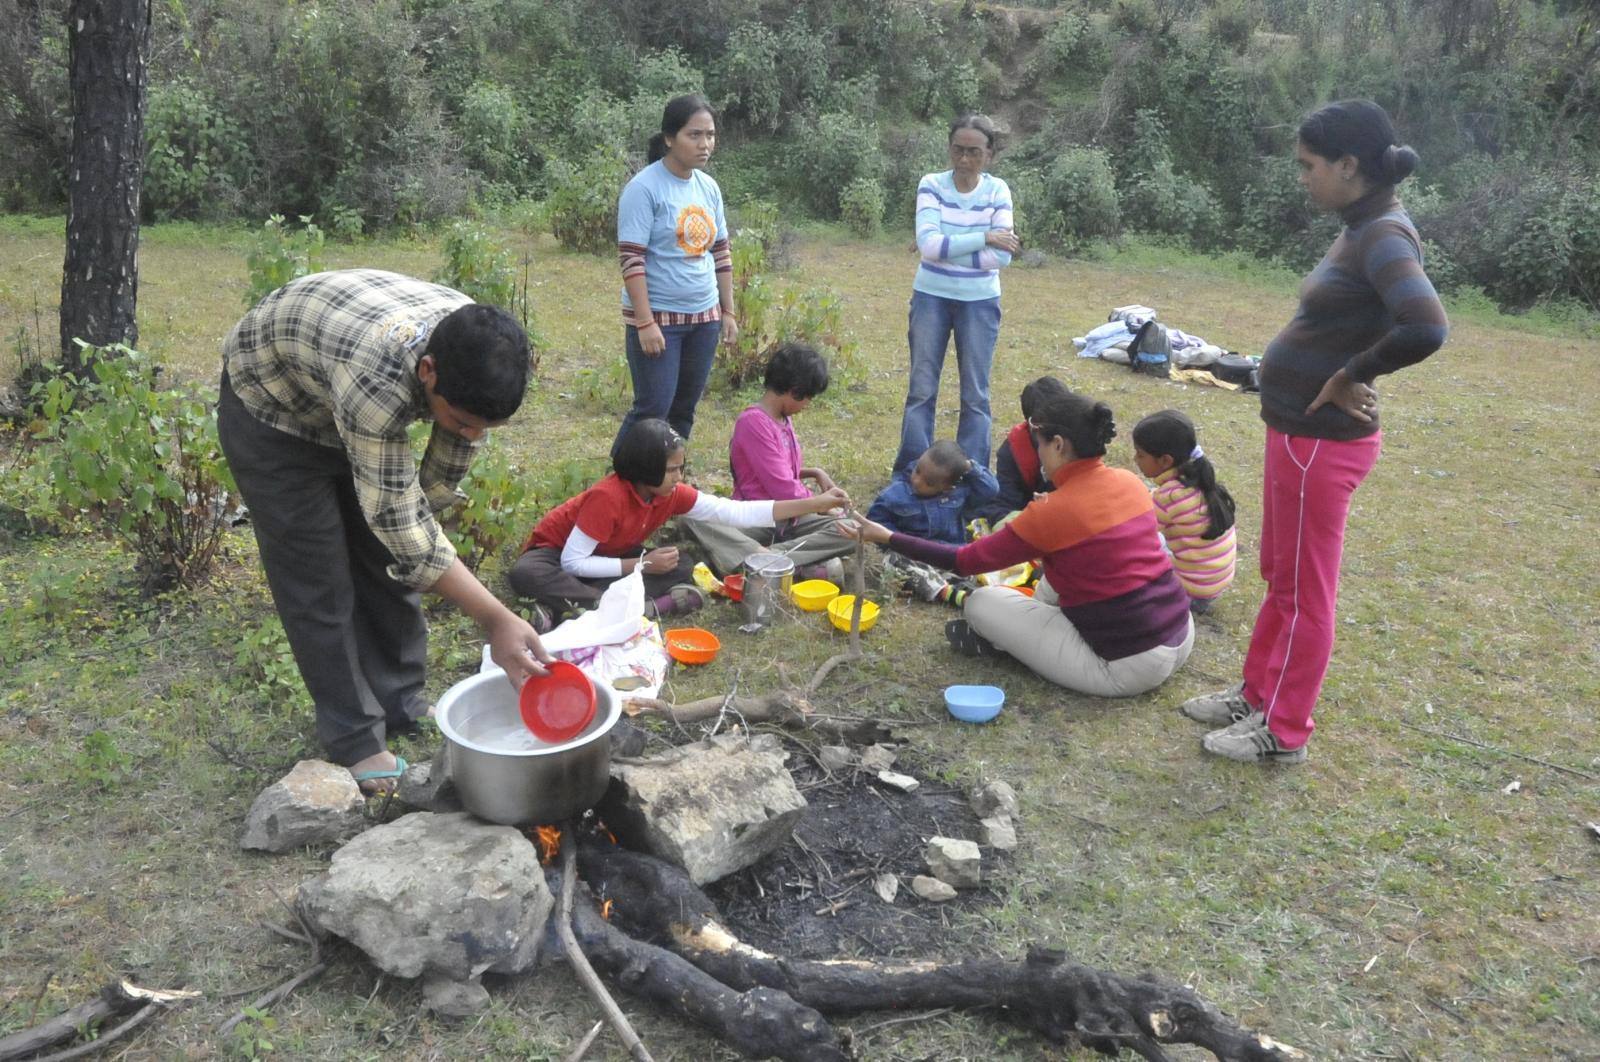 Emerald trail and Bhimtal - with Kasturi & Family, Payal & Family, Marina & Family, Indira & Family